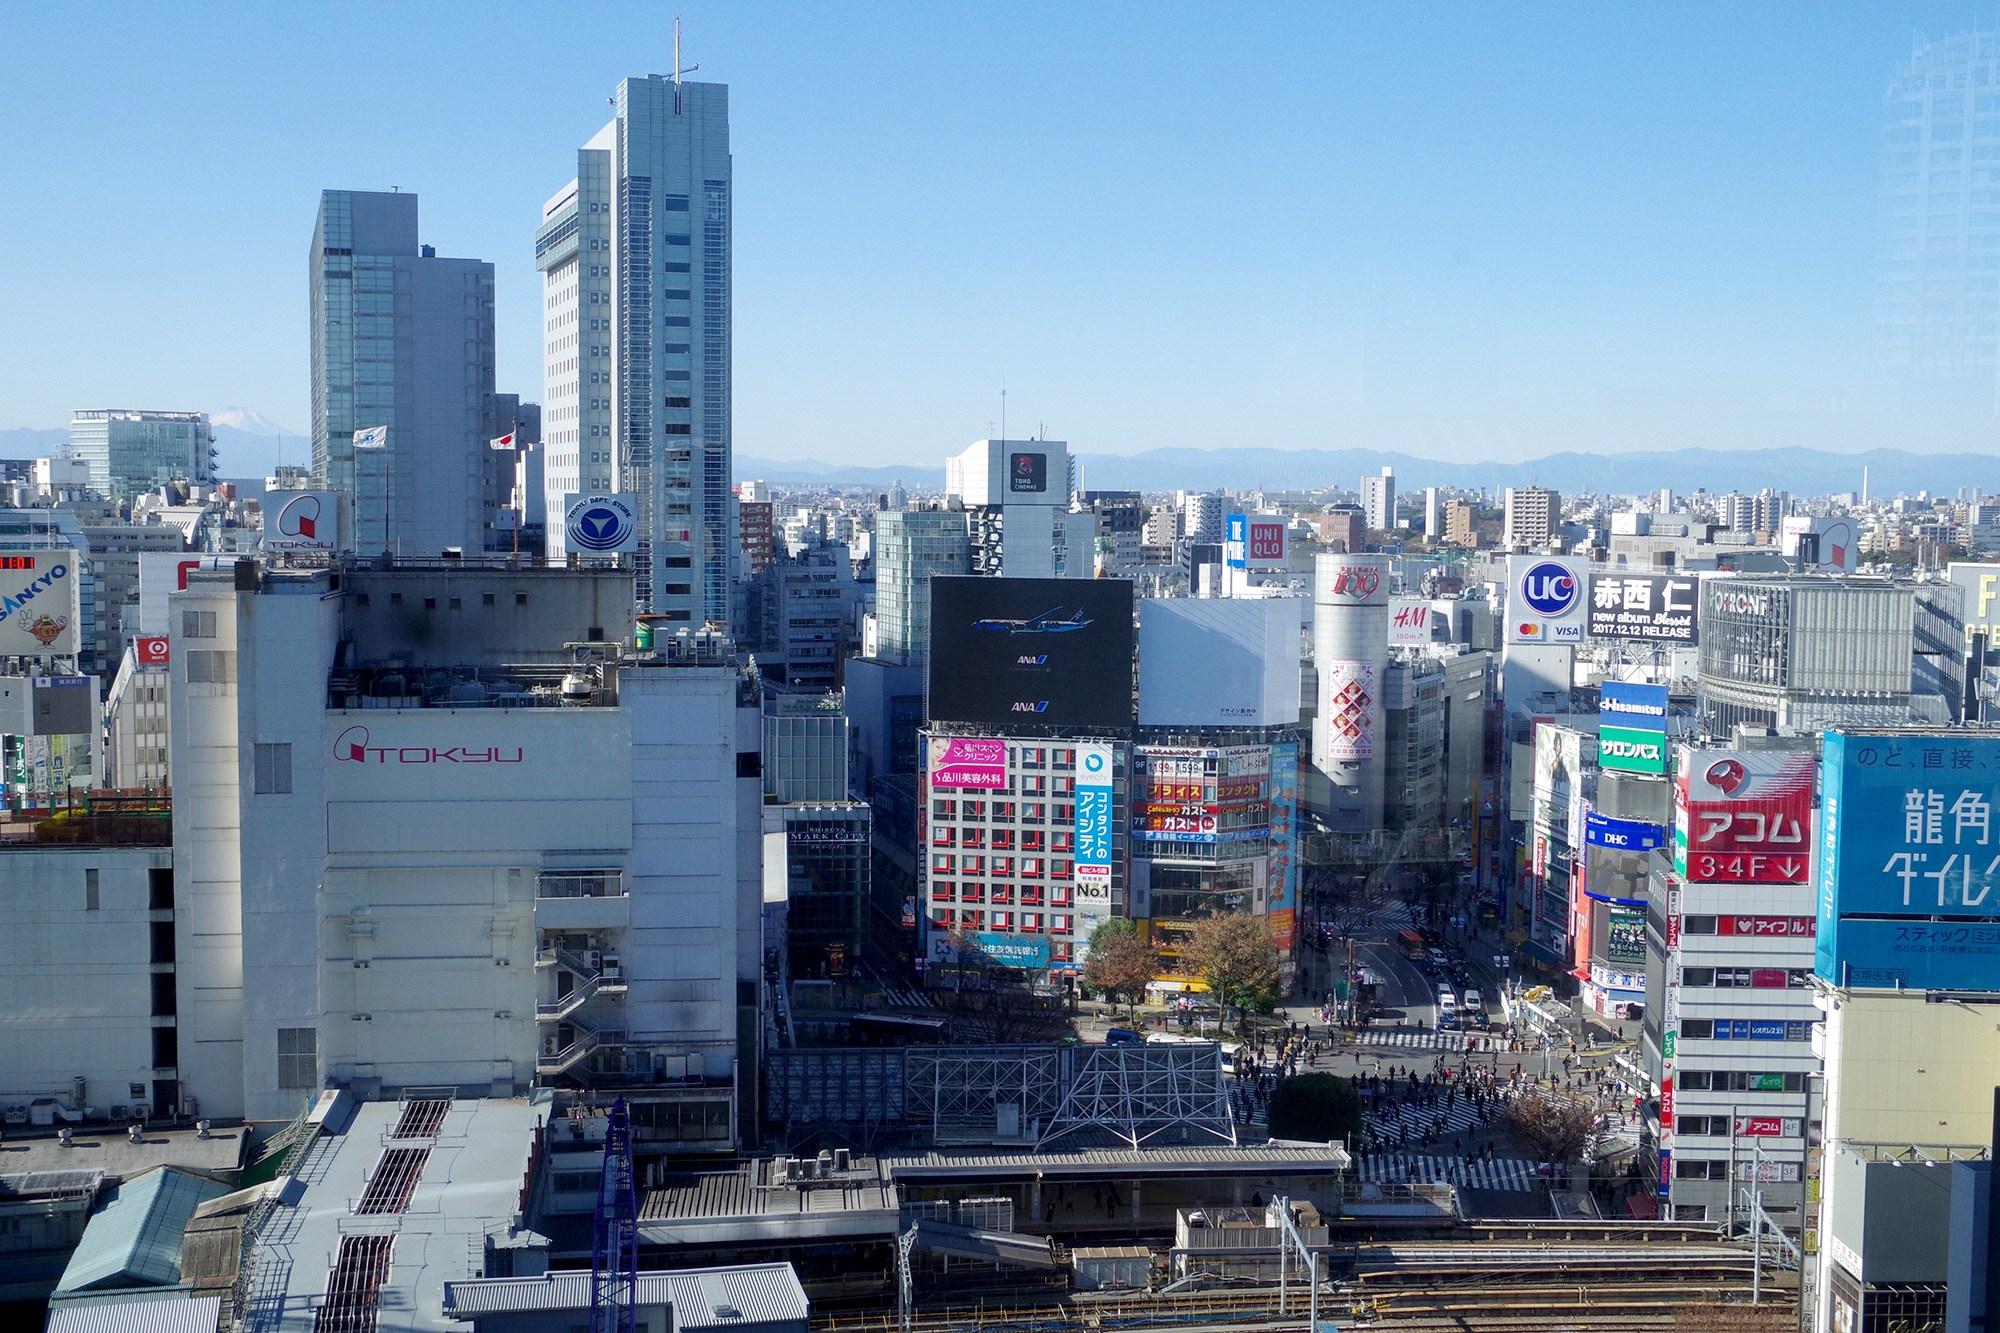 【喫煙スポット】渋谷駅周辺でタバコが吸える無料喫煙所まとめ